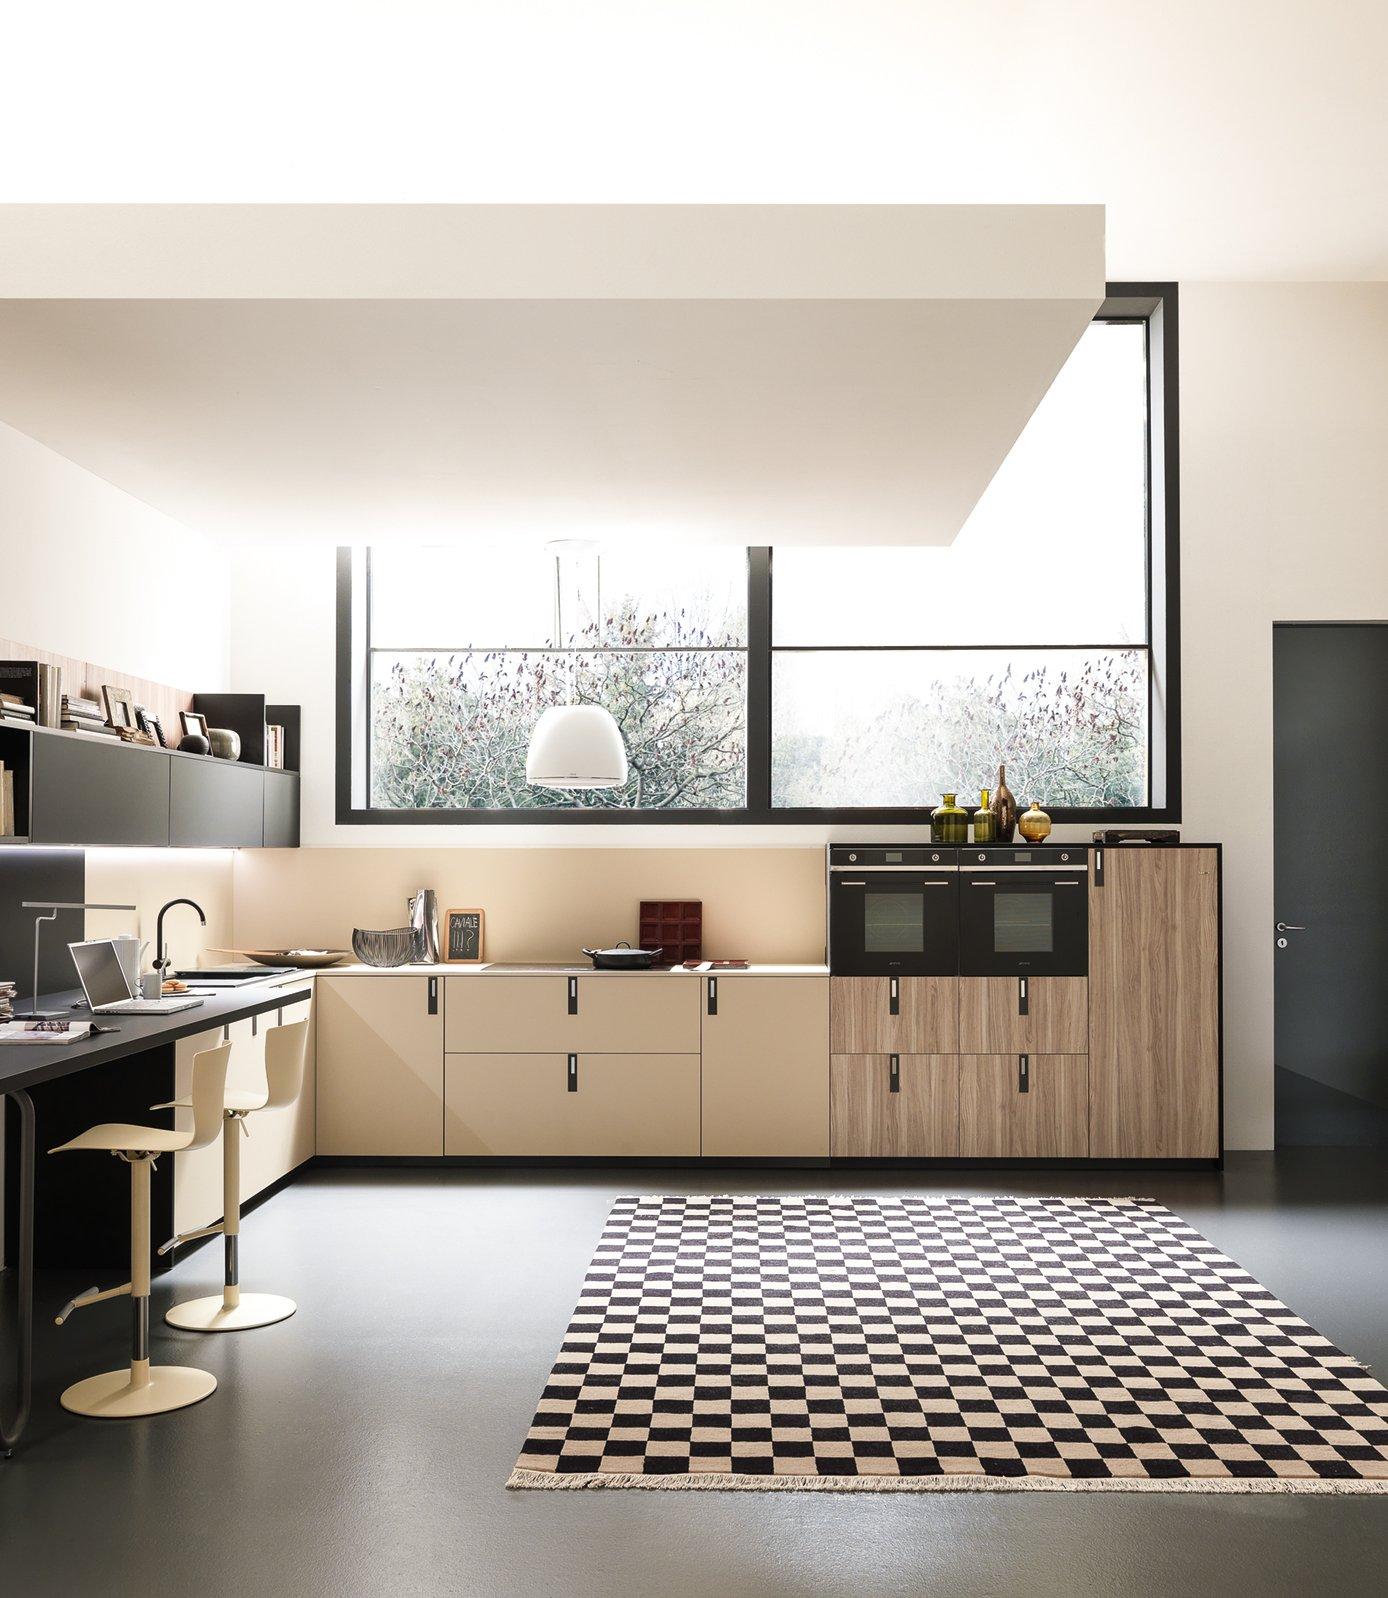 La cucina sotto la finestra 12 composizioni cui ispirarsi for Bancone con angolo